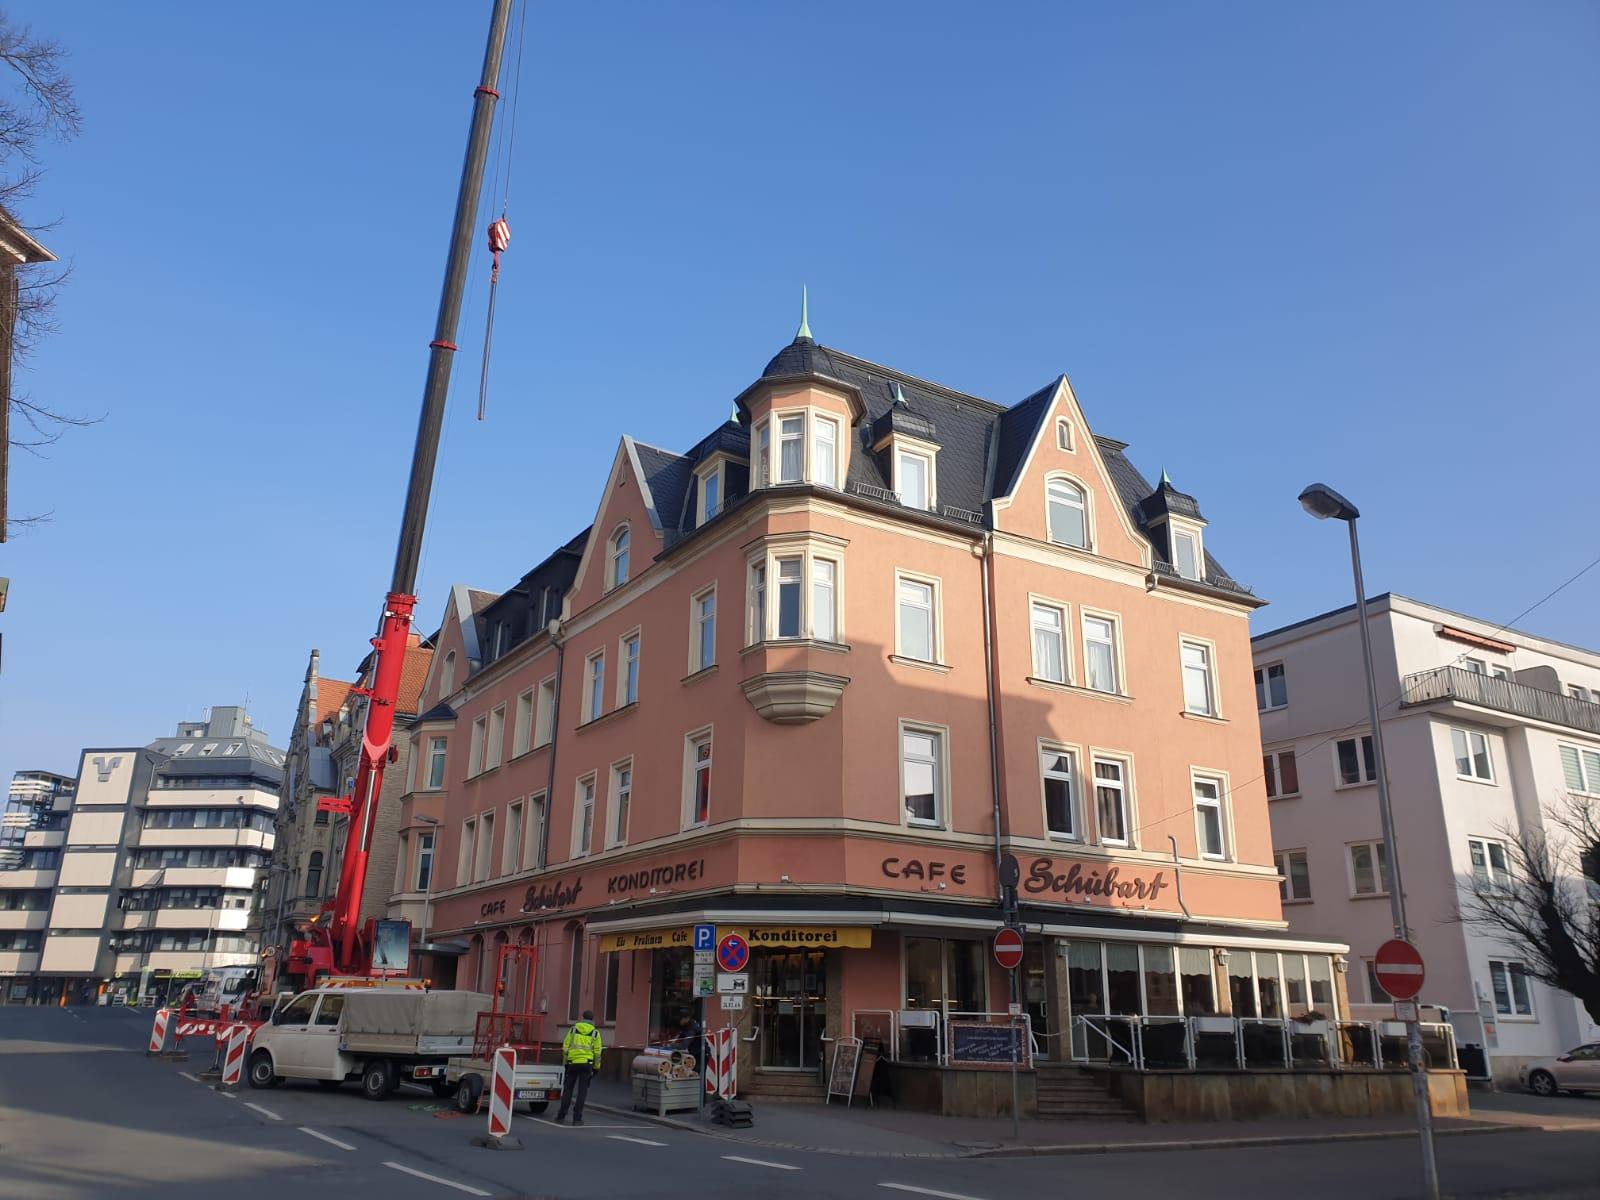 Umbau Café Schubart